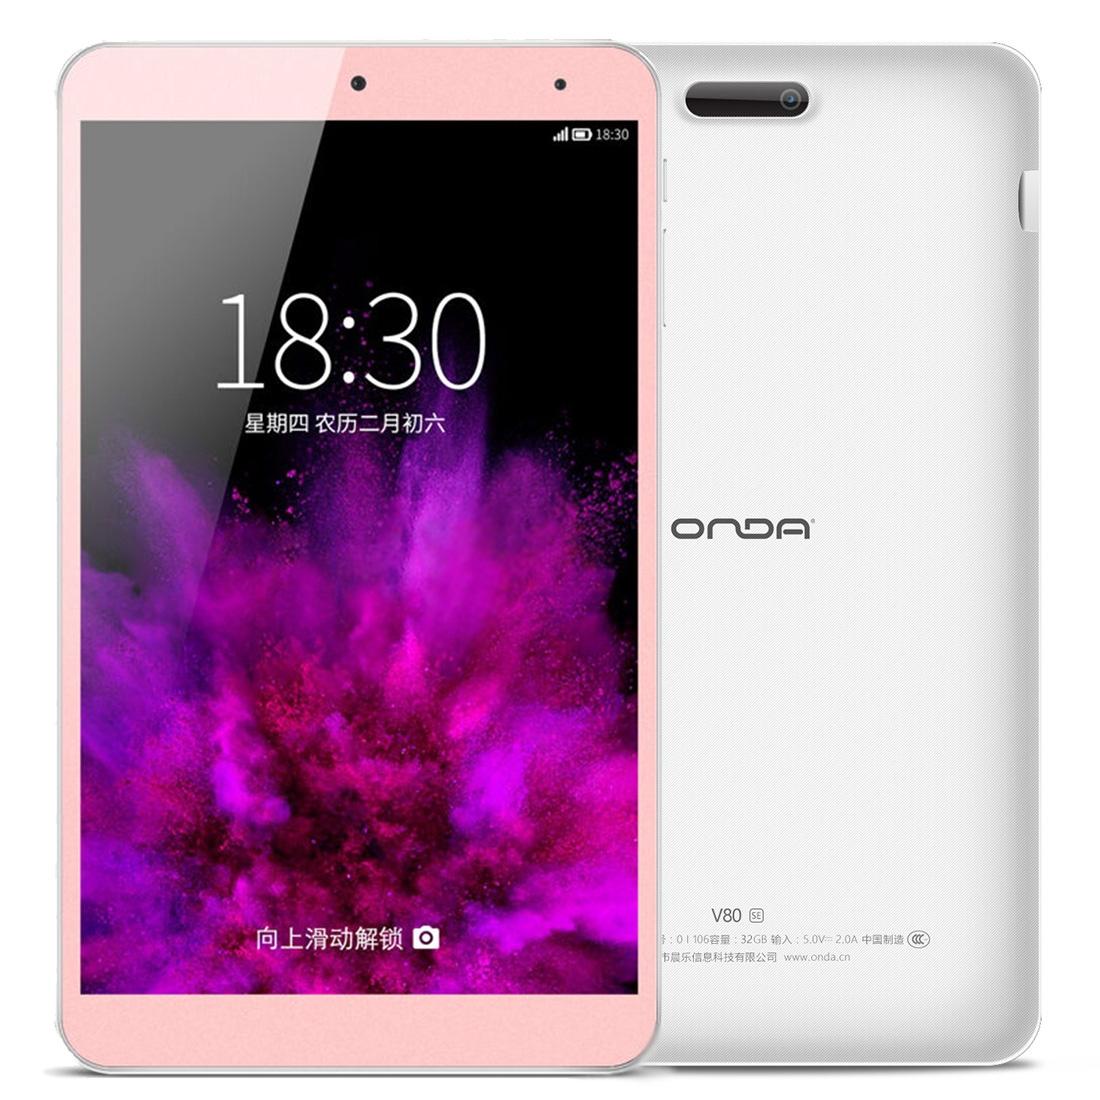 Onda ONDA V80 SE CZ, 2GB+32GB, pink